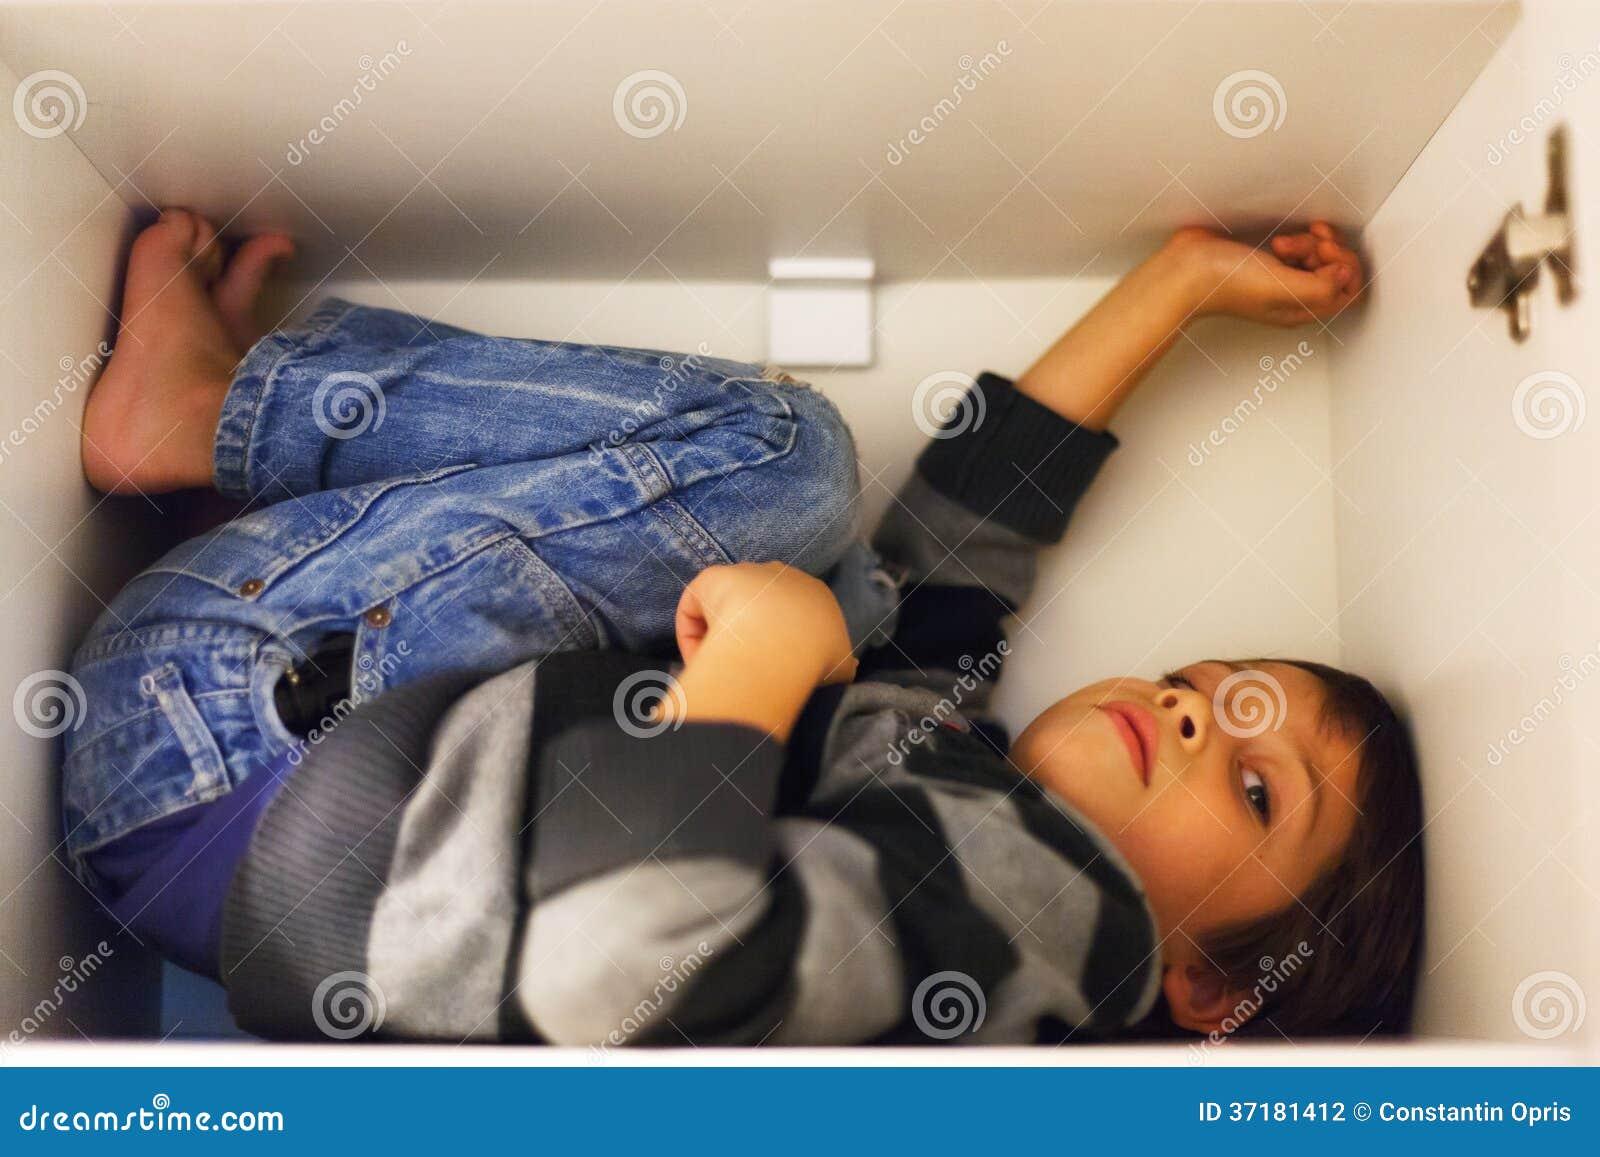 Child hiding in a clos...